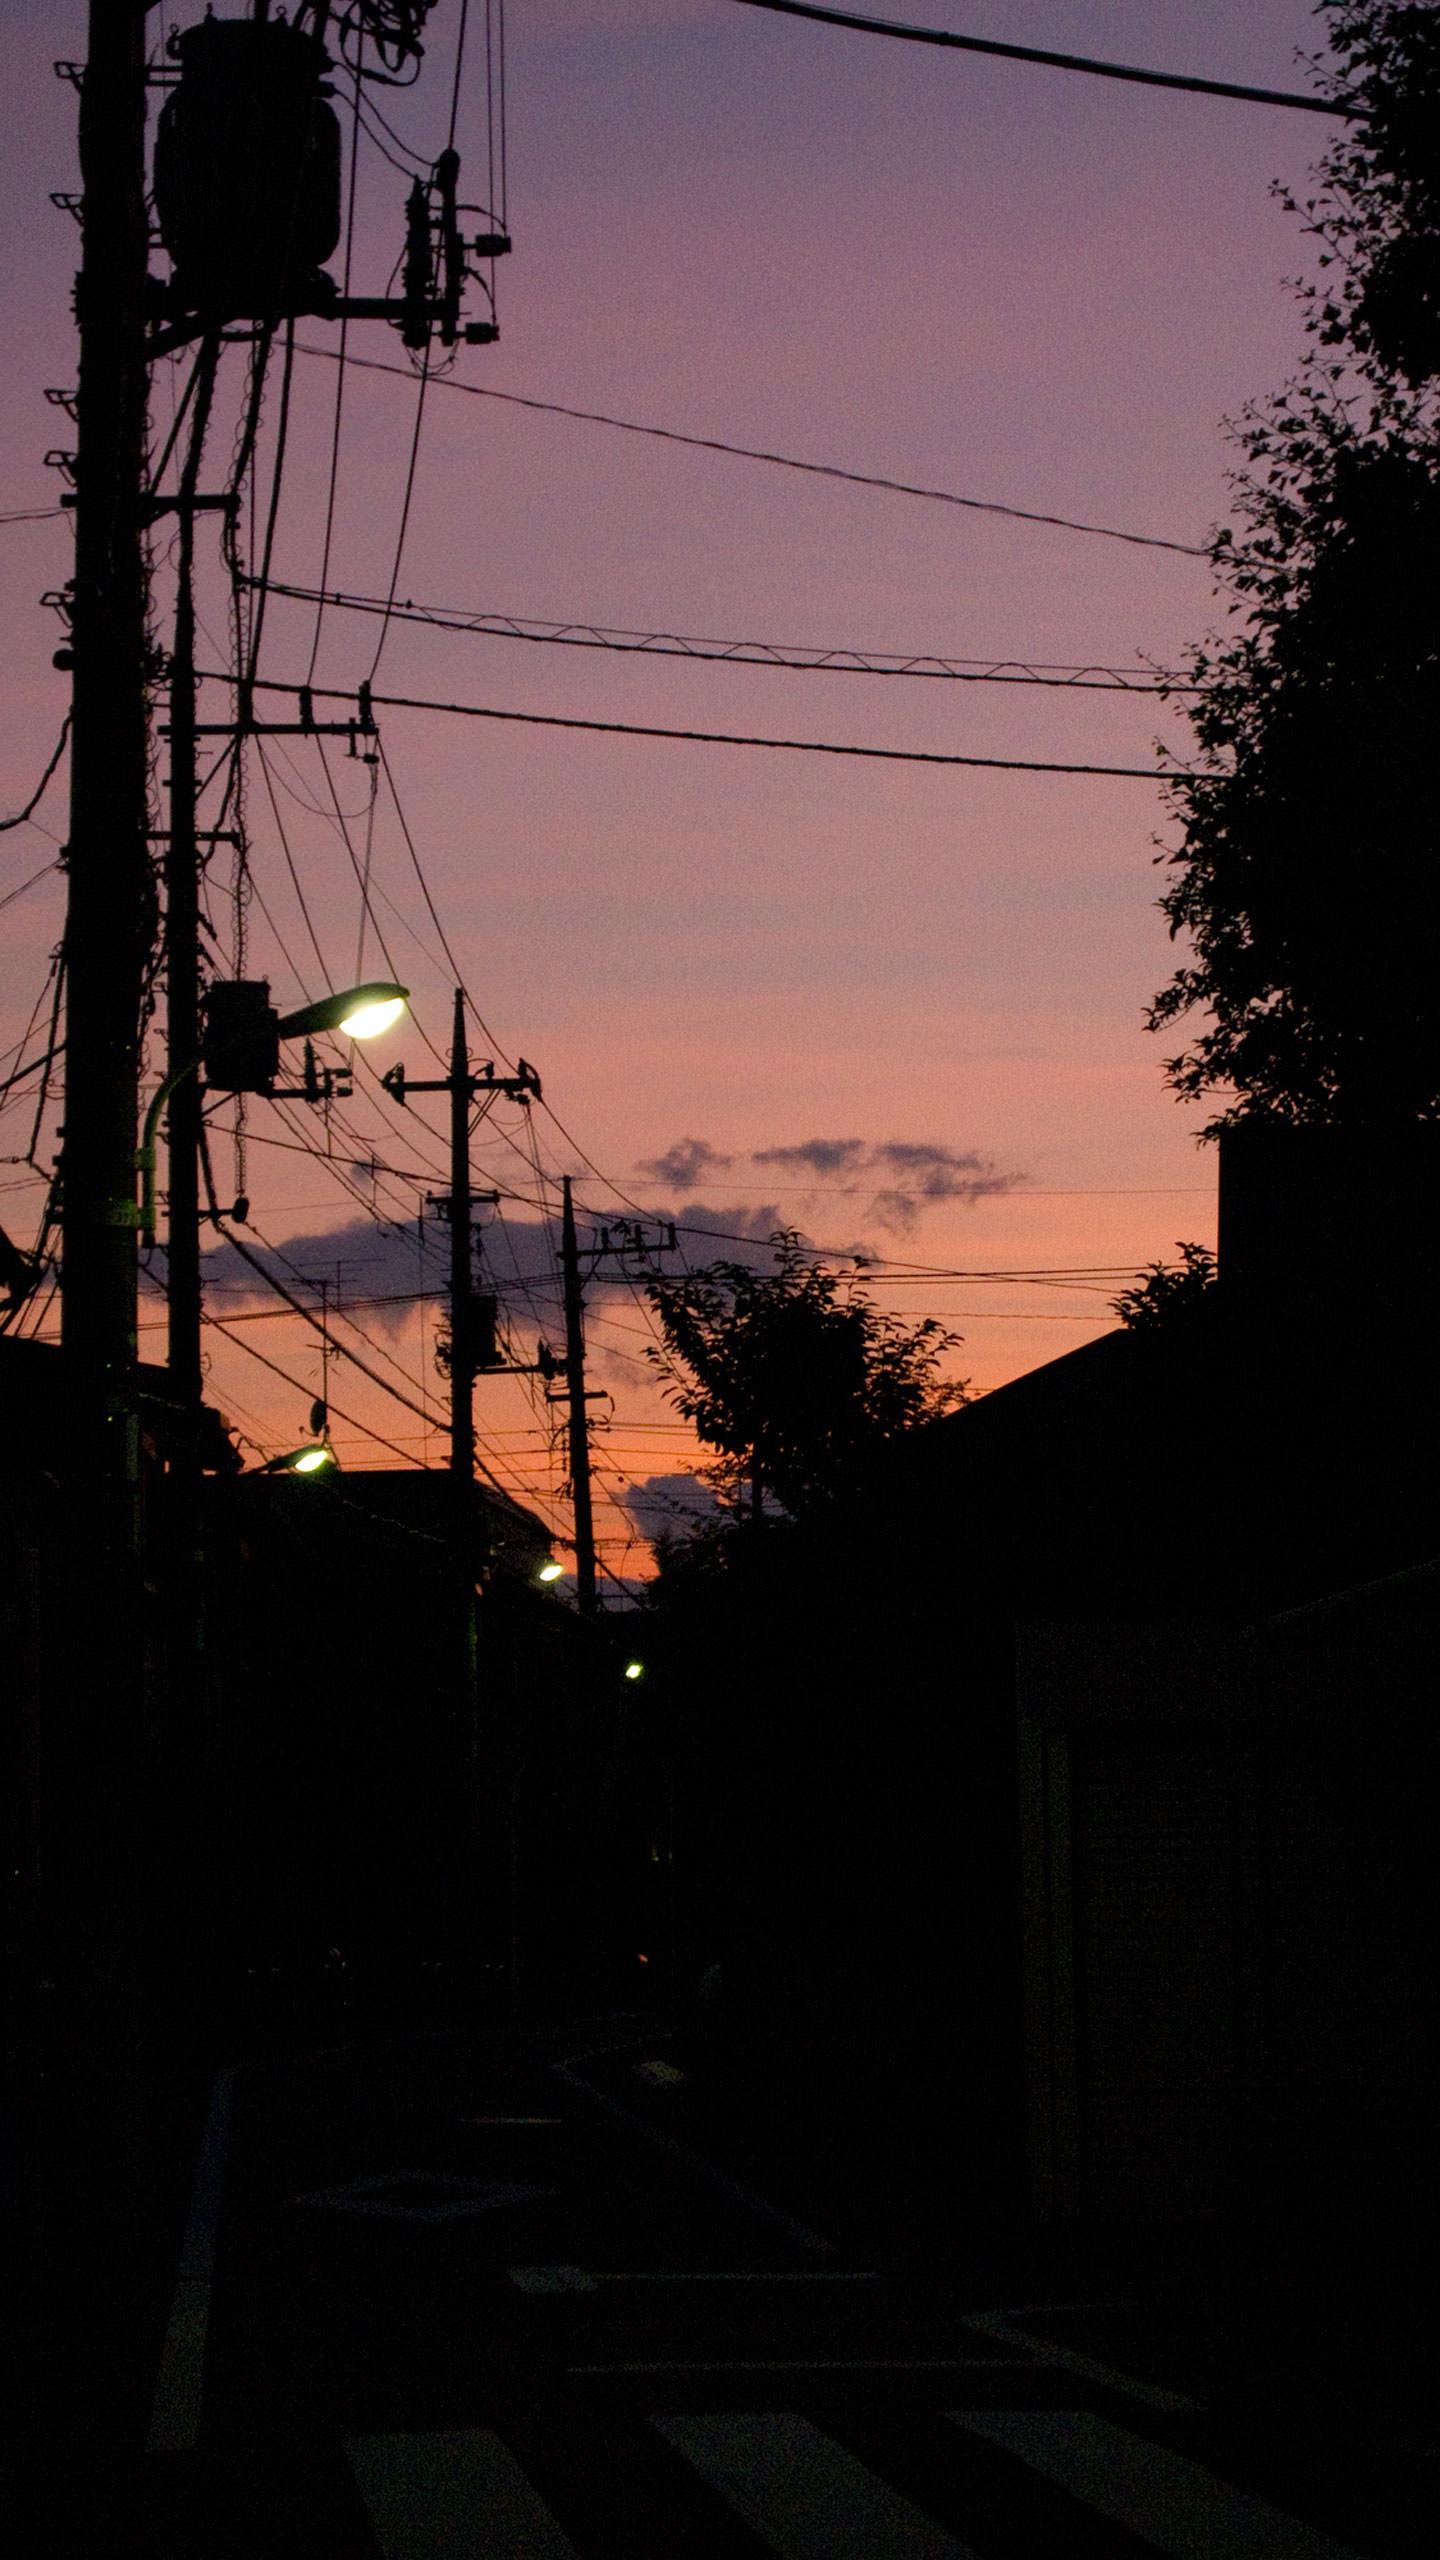 Download 770 Wallpaper Pemandangan Tumblr HD Gratid